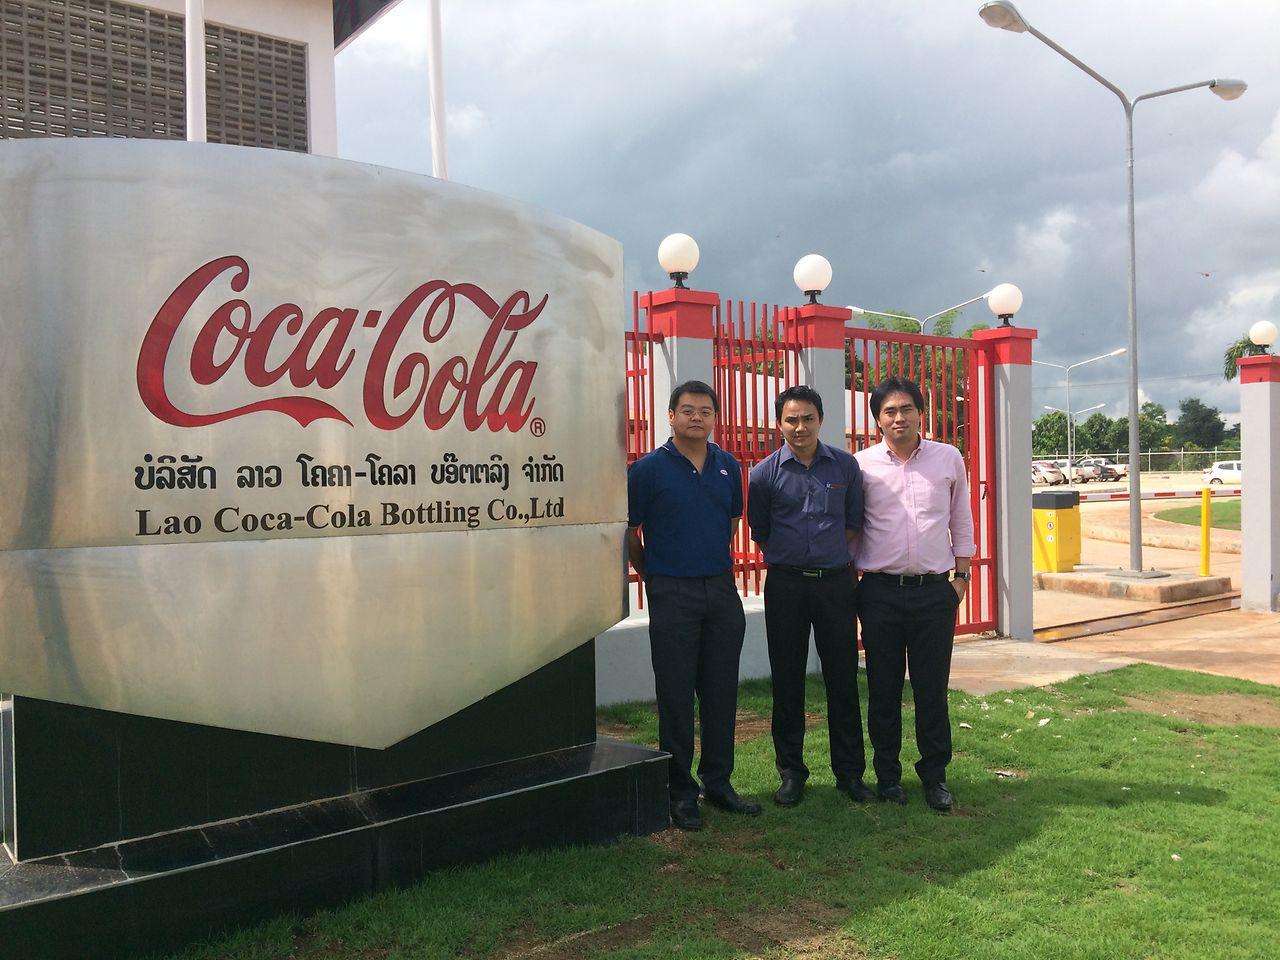 ทีมกาวอุตสาหกรรมของเฮงเค็ล ประเทศไทย (จากซ้าย) คุณขวัญชัย อุดมเกียรติกูล (ซ้าย) ผู้จัดการกลุ่มธุรกิจกาวอุตสาหกรรม คุณณราวุฒิ ชาปัญญา วิศวกรฝ่ายขาย และคุณชาติรุจน์ เก่งอนันต์สกุล ผู้จัดการฝ่ายขาย